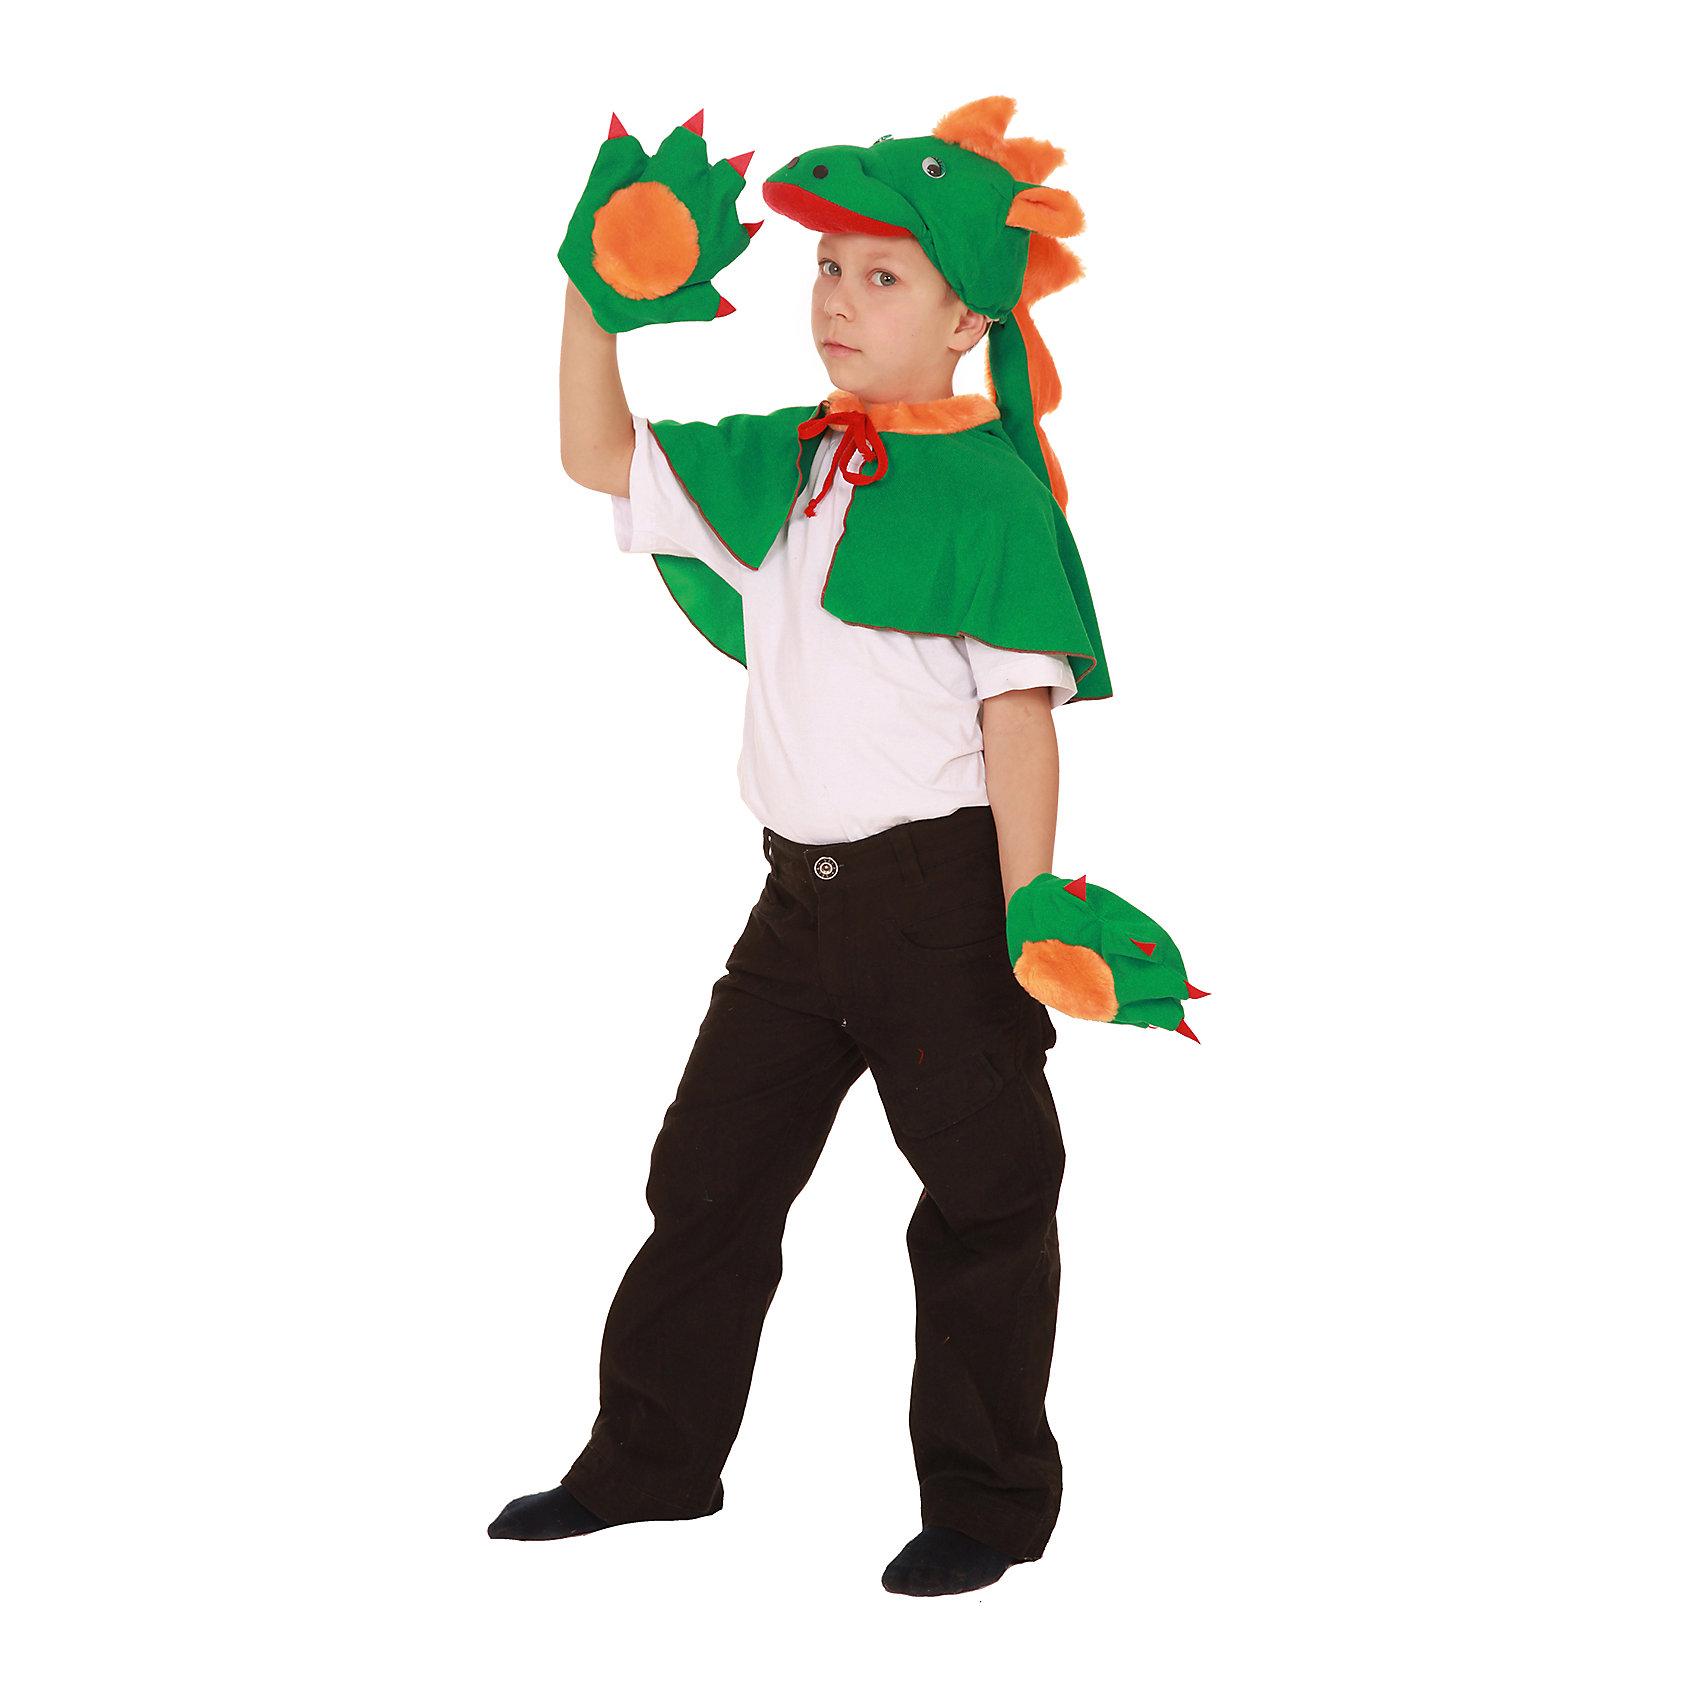 Карнавальный костюм для мальчика Дракон, ВестификаКарнавальные костюмы и аксессуары<br>Детский карнавальный костюм Дракон очень любят мальчики. Дракон сильный, смелый, он все может. Именно такими и хотят быть малыши. Именно такую роль помогает им играть наш карнавальный костюм Дракон. Костюм состоит из накидки-пелерины, шапочки-маски и варежек.<br><br>Дополнительная информация:<br><br>Комплектация:<br>Накидка-пелерина<br>Шапка-маска<br>Варежки<br>Ткани:<br>Искусственная замша (100% полиэстер)<br><br>Карнавальный костюм для мальчика Дракон, Вестифика можно купить в нашем магазине.<br><br>Ширина мм: 236<br>Глубина мм: 16<br>Высота мм: 184<br>Вес г: 100<br>Цвет: белый<br>Возраст от месяцев: 60<br>Возраст до месяцев: 84<br>Пол: Мужской<br>Возраст: Детский<br>Размер: 98/116<br>SKU: 4389272